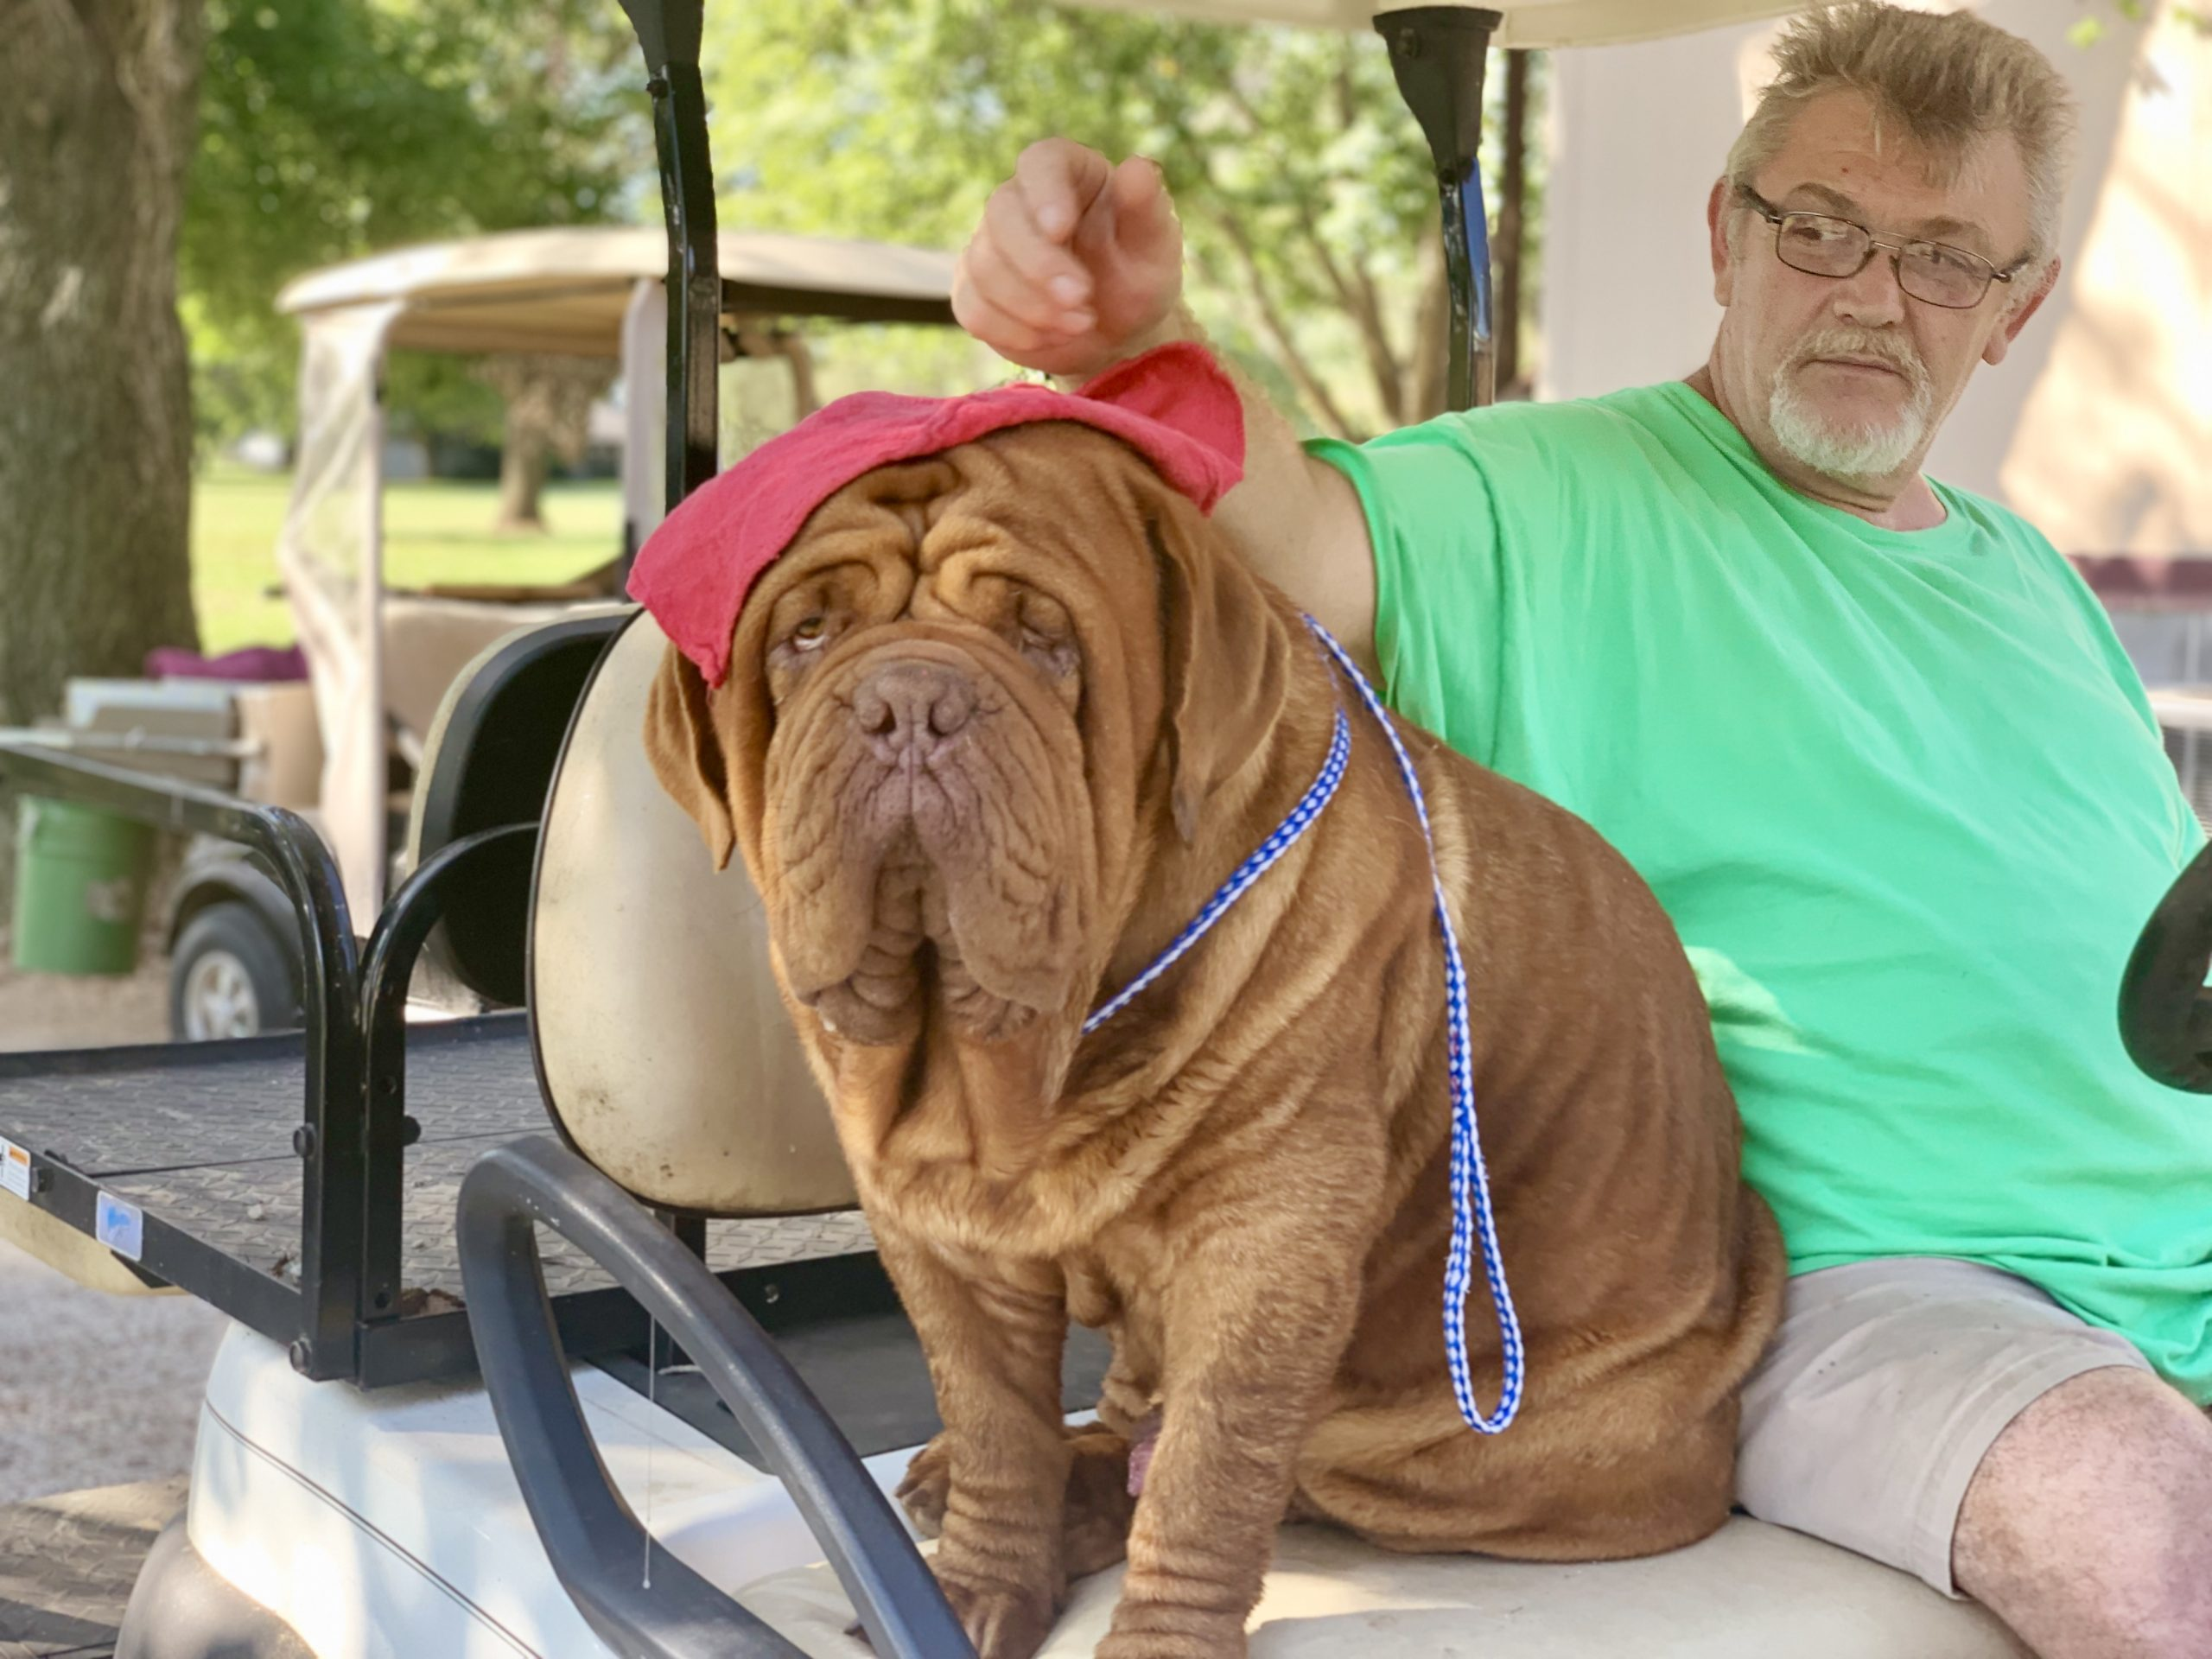 Dogue de Bordeaux riding on golf cart